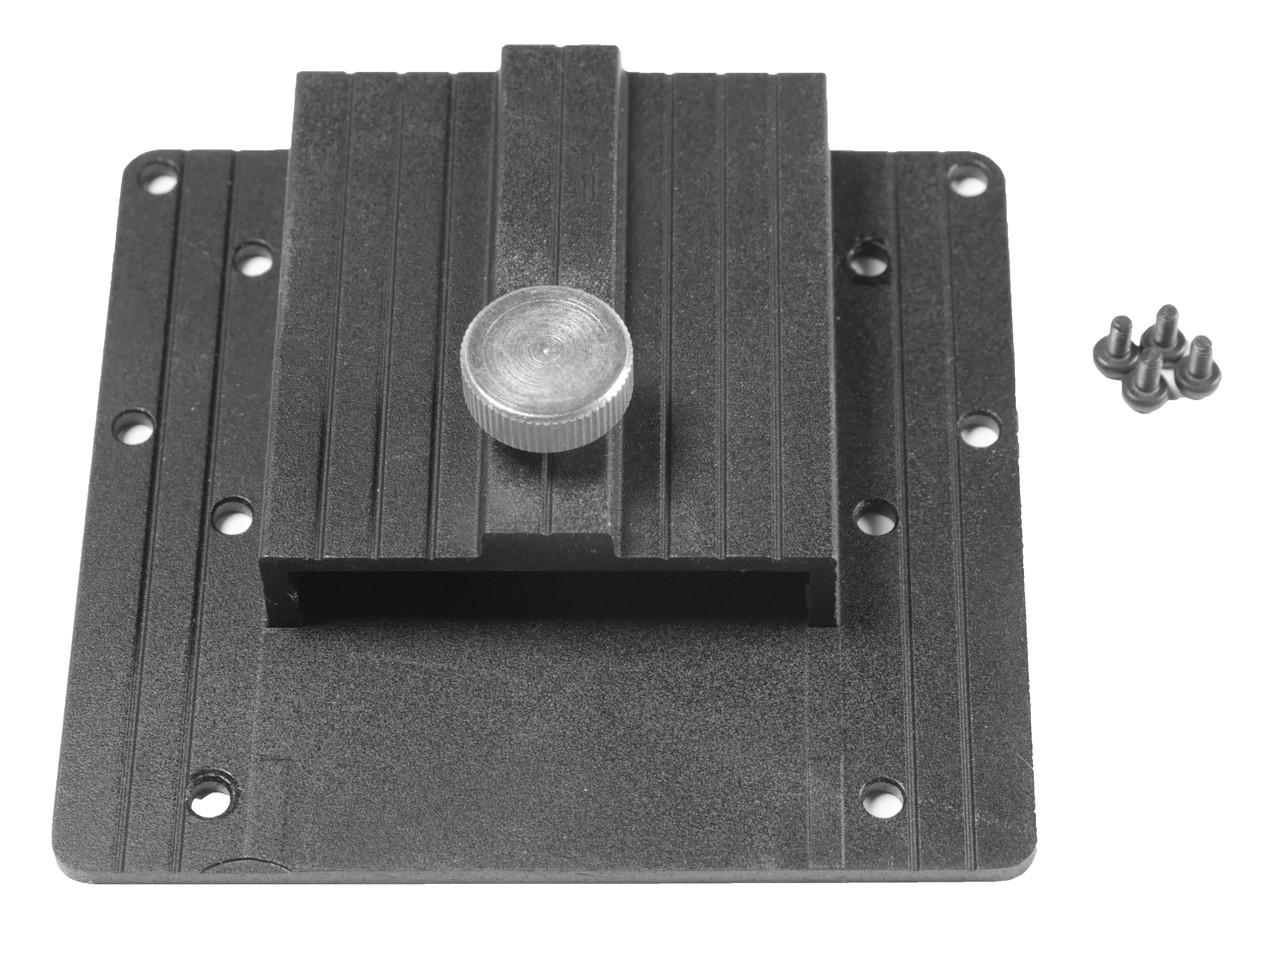 Modified VESA Plate